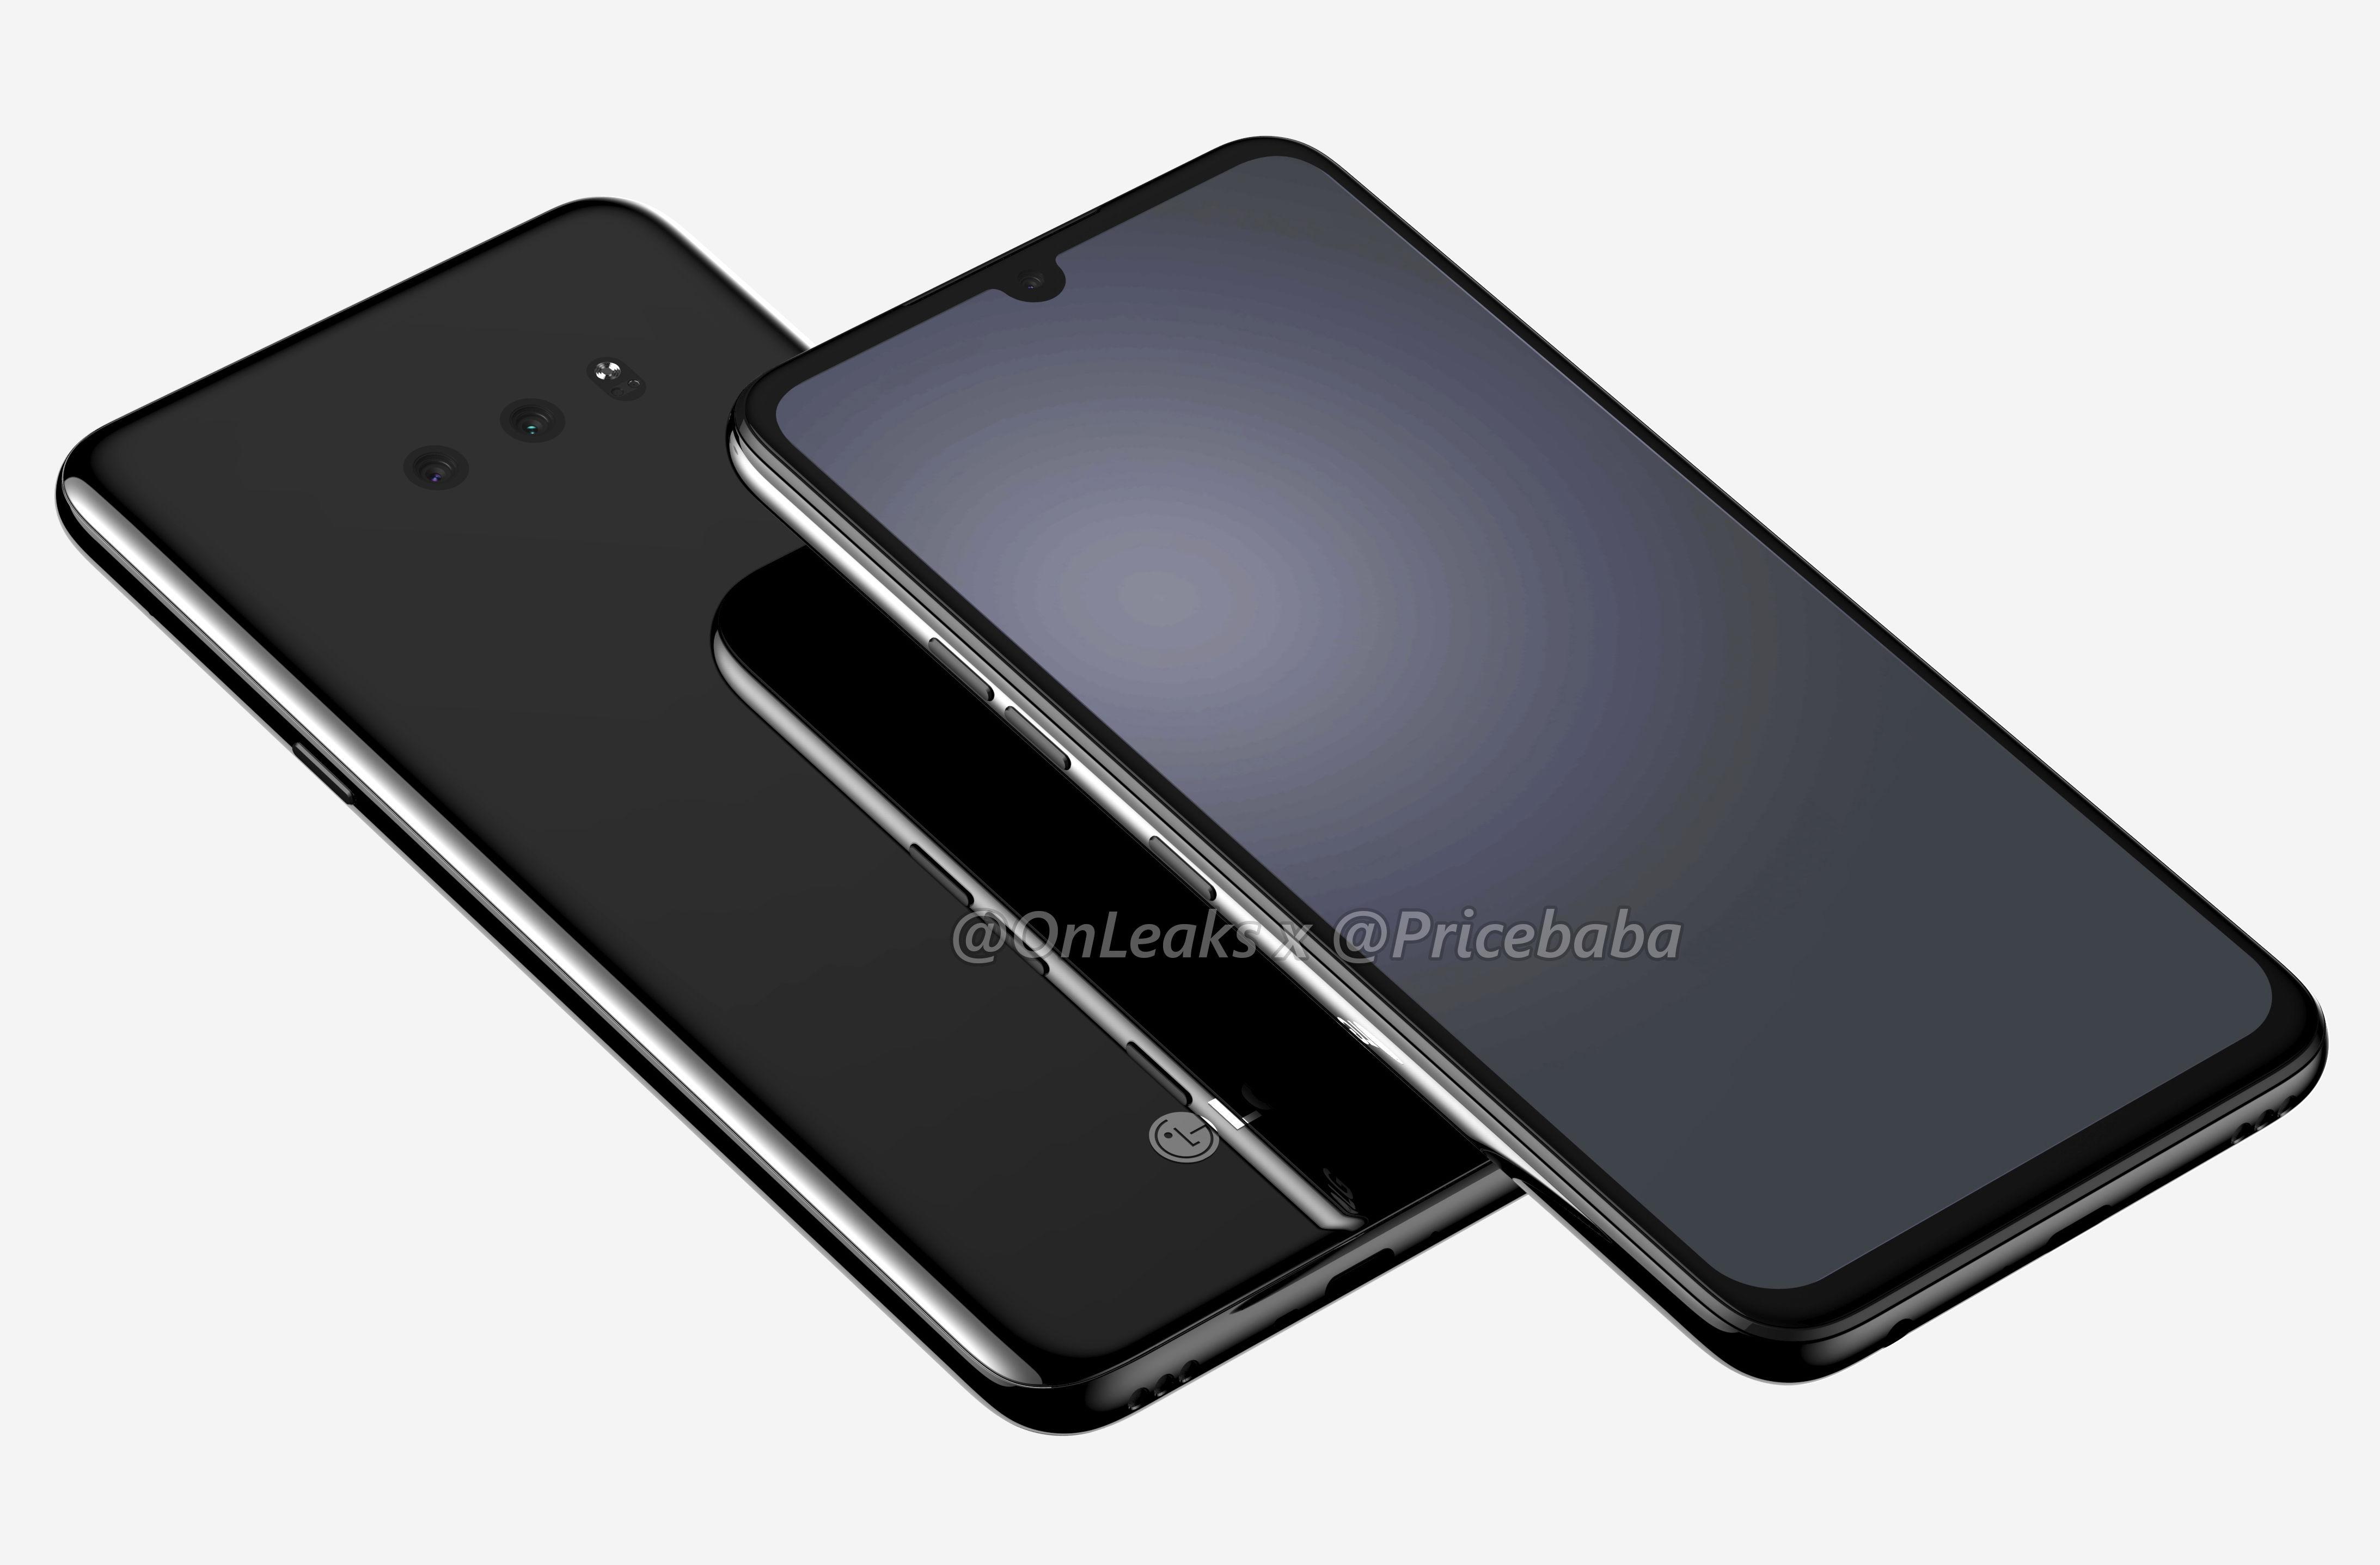 حصرياً: توضح شاشات LG G8X درجة الشلال المائي والكاميرات الخلفية المزدوجة ومقبس السماعة 3.5 ملم 4